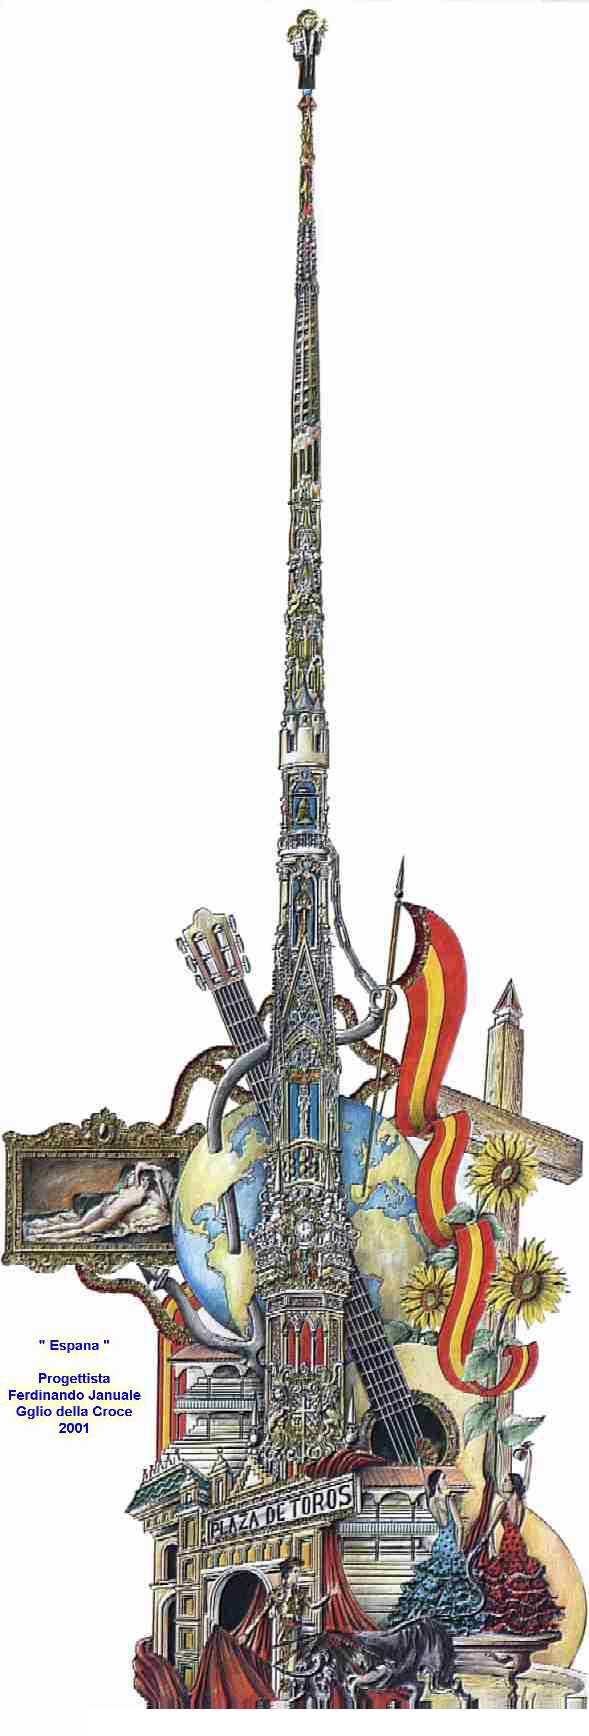 Festa dei Gigli di Brusciano - Giglio della Croce 2001